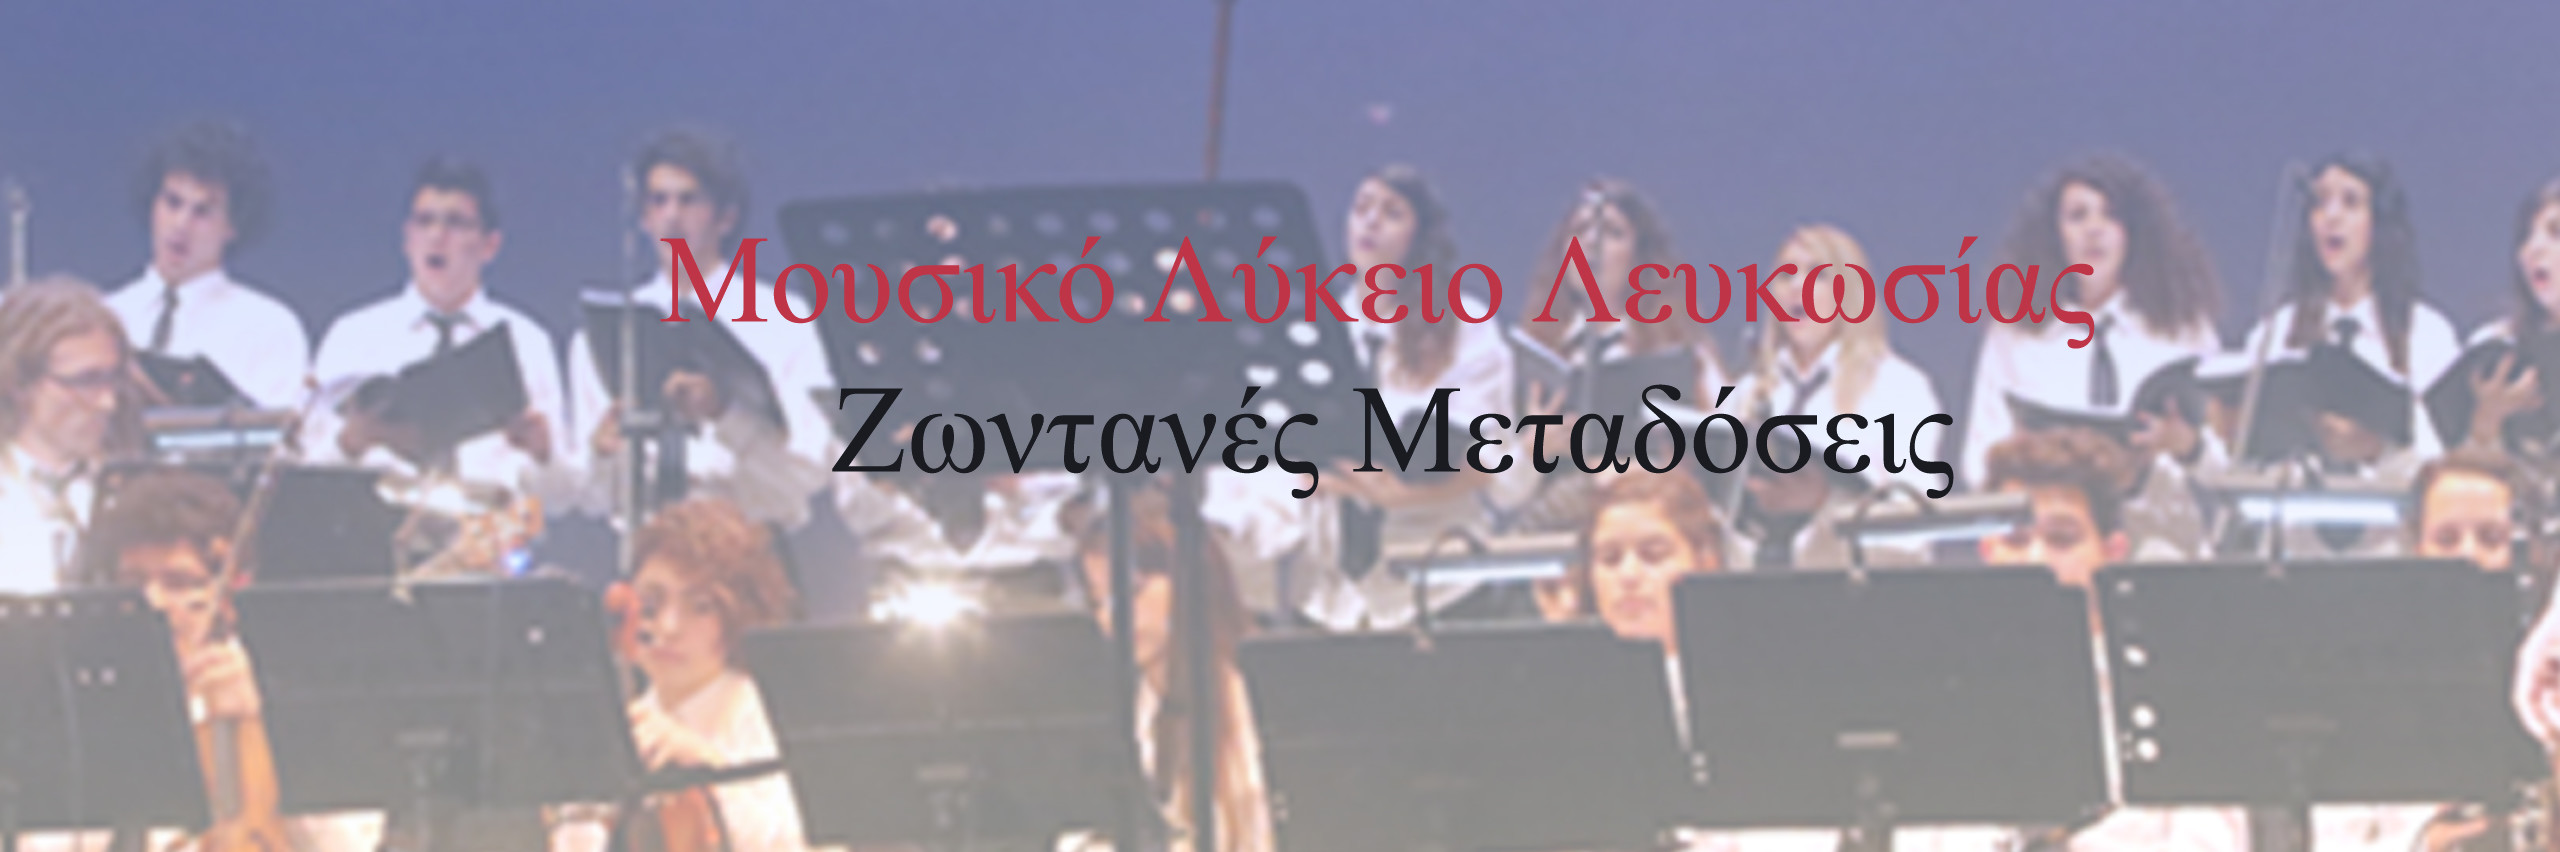 Μουσικό Λύκειο Λευκωσίας - Music School of Nicosia